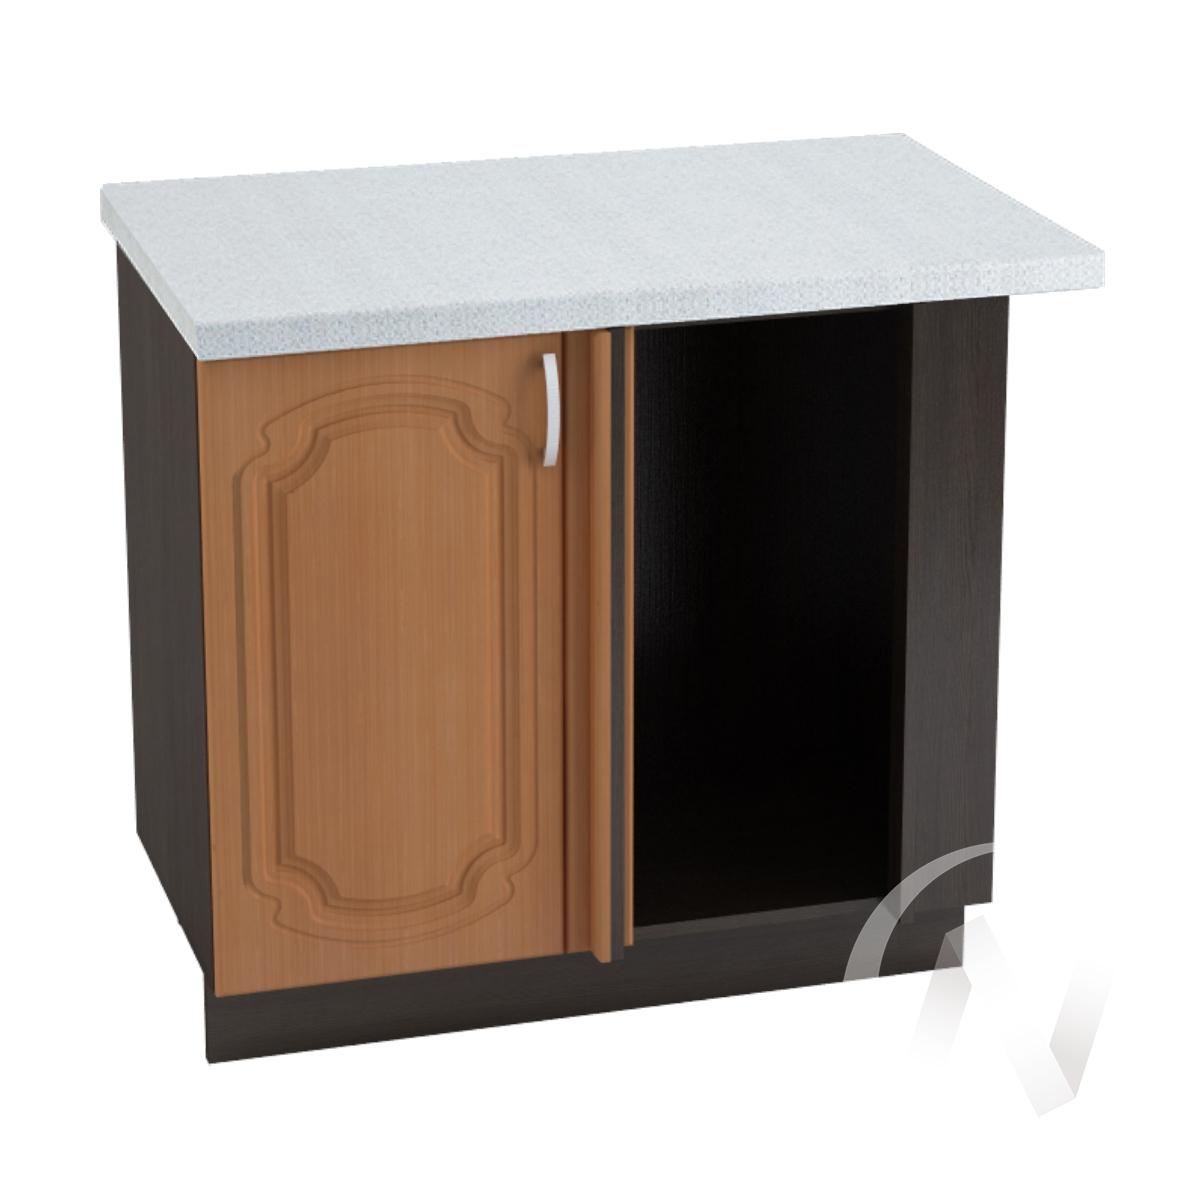 """Кухня """"Настя"""": Шкаф нижний угловой 990М, ШНУ 990М (Орех миланский/корпус венге)"""